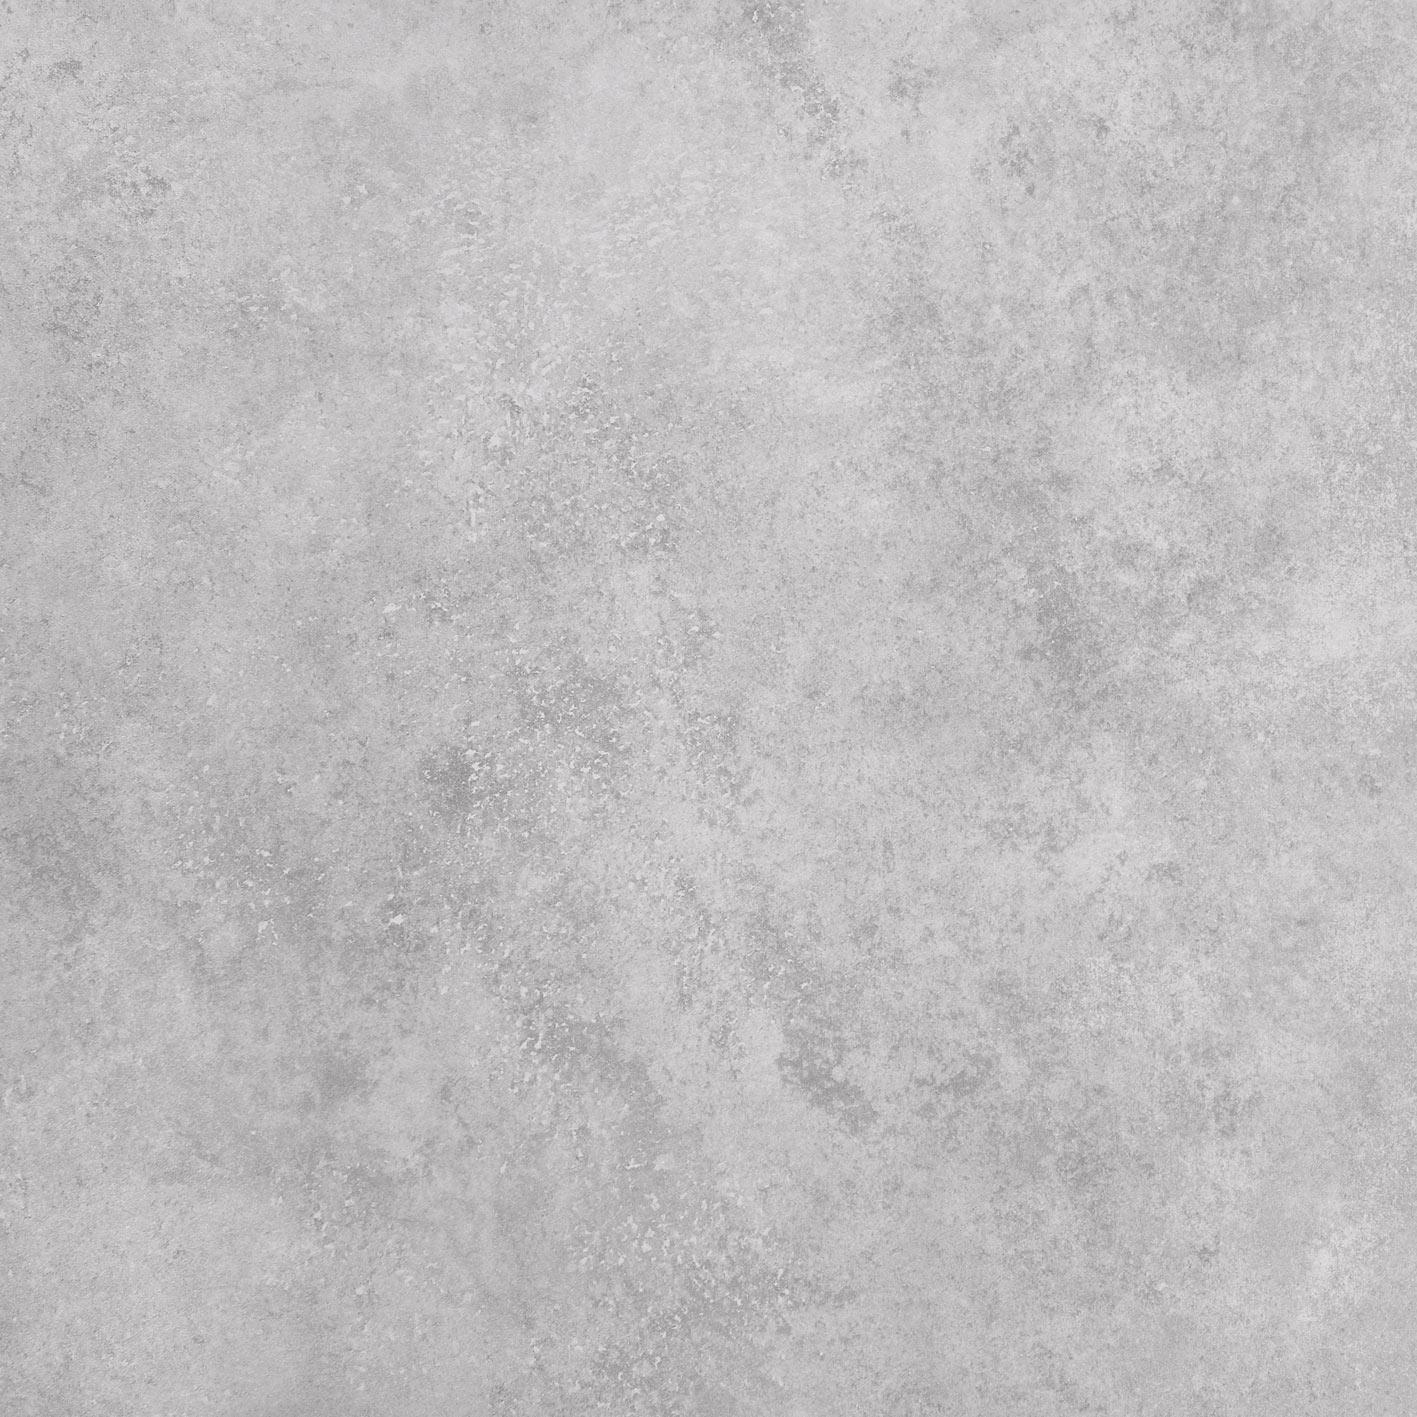 Gent grau GET331 R10 rect. 60x60 - Hansas Plaadimaailm